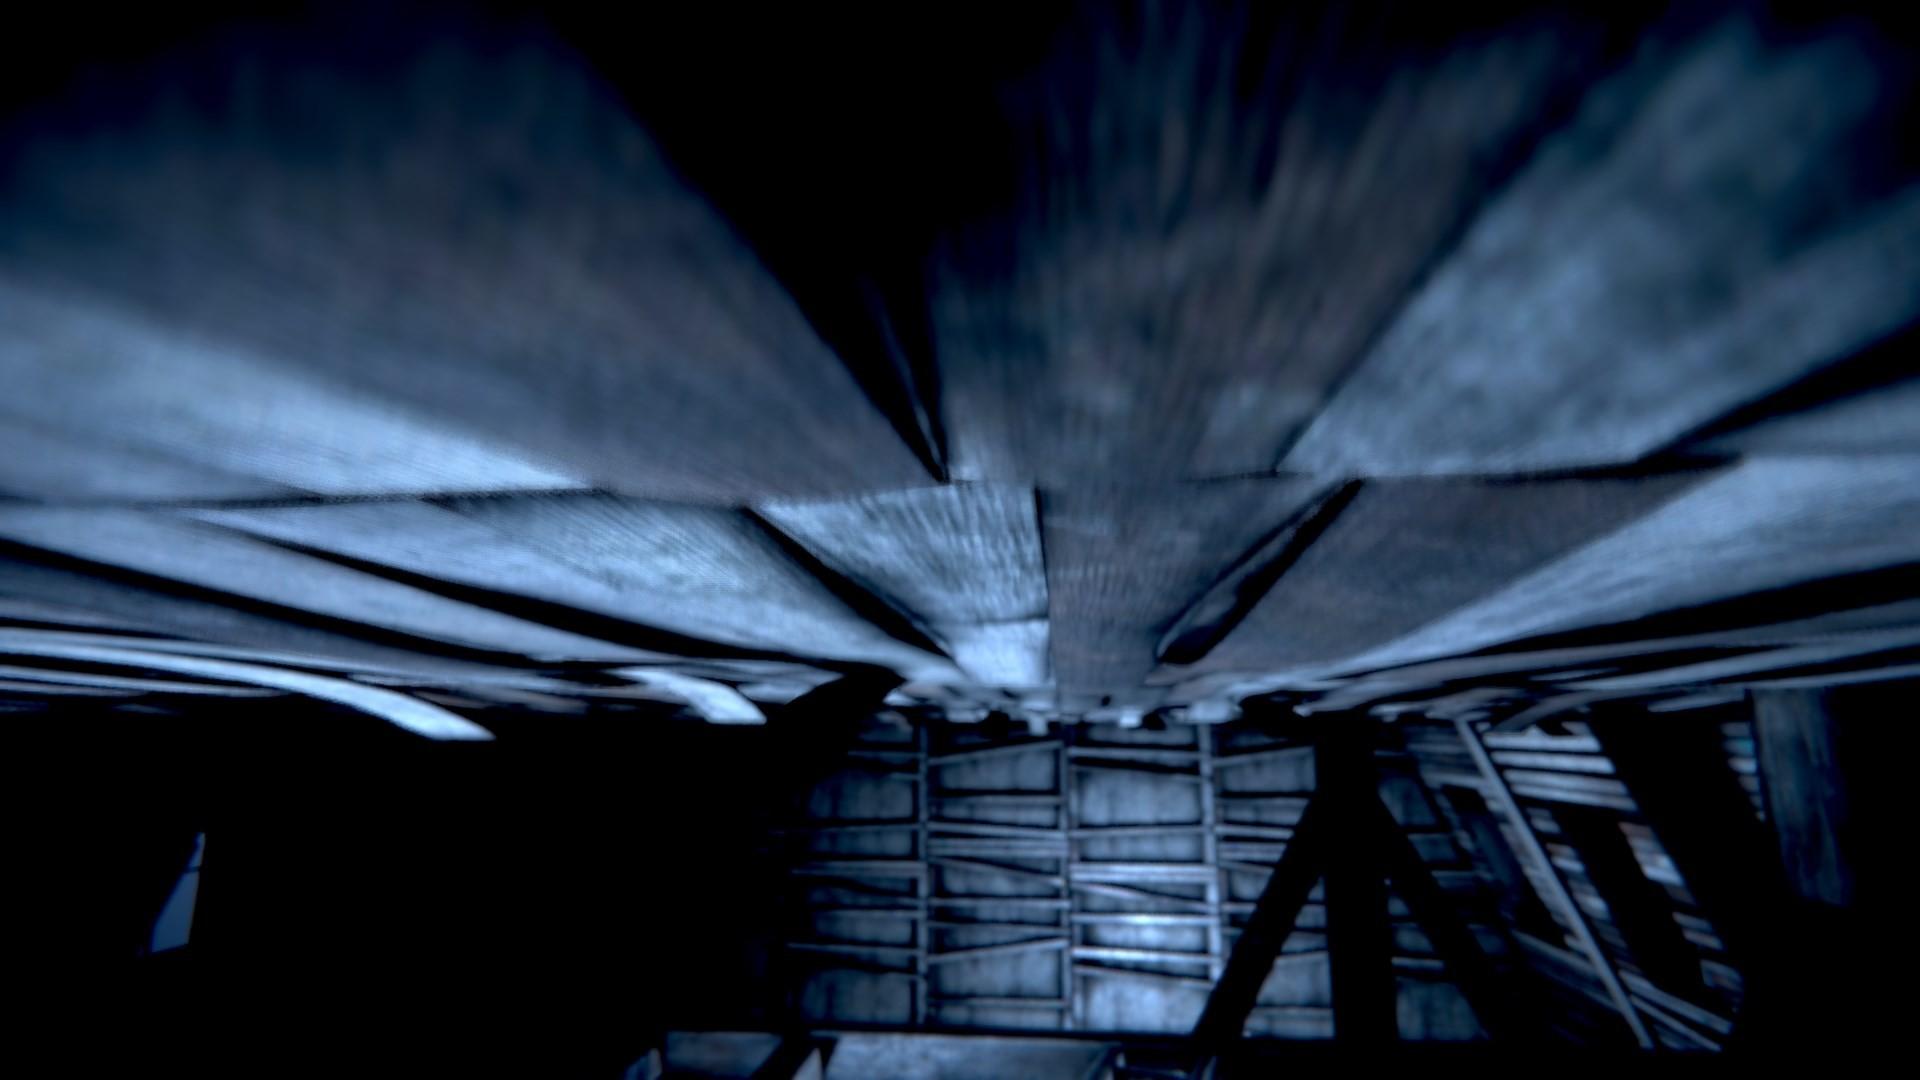 Yasuka taira hq modular attic build k2w3uwpelt